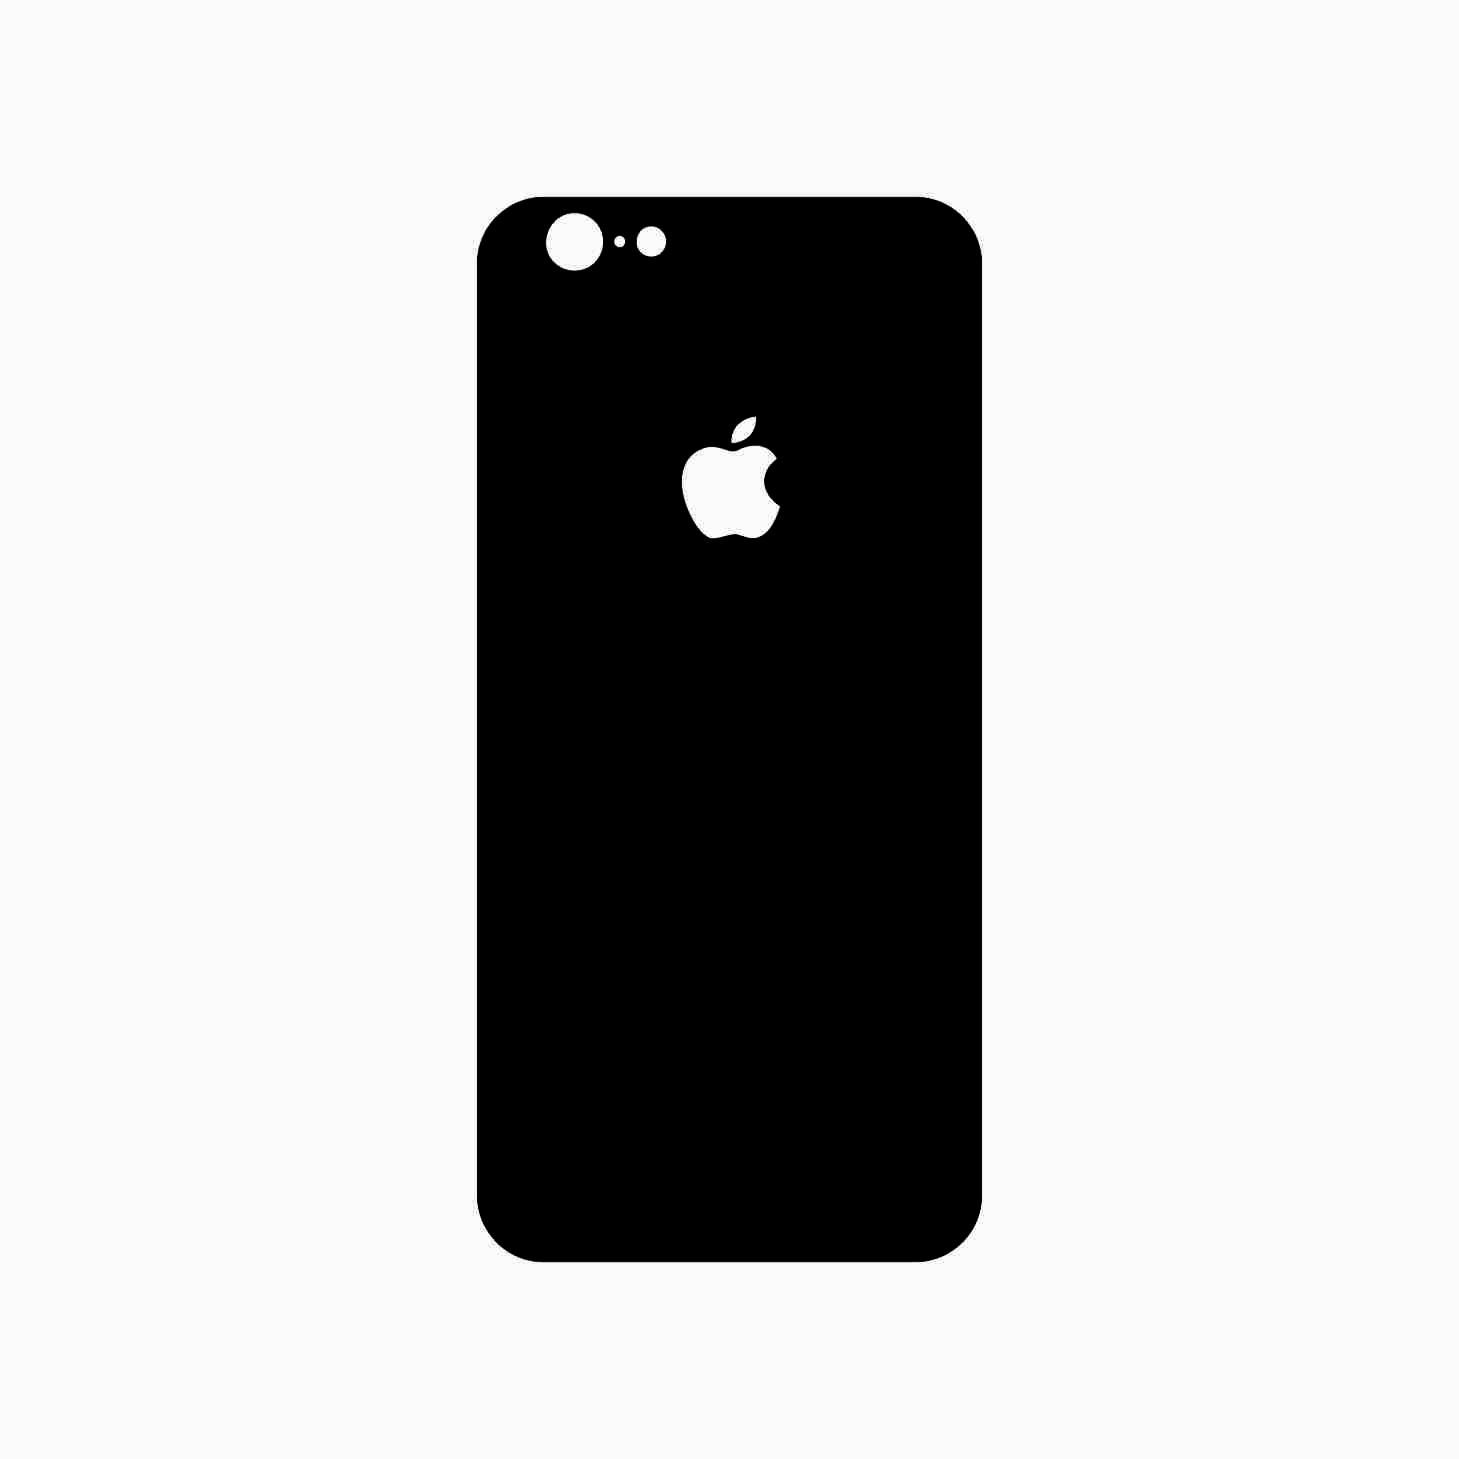 برچسب پوششی مدل 1004-F مناسب برای گوشی موبایل اپل Iphone 6/6s